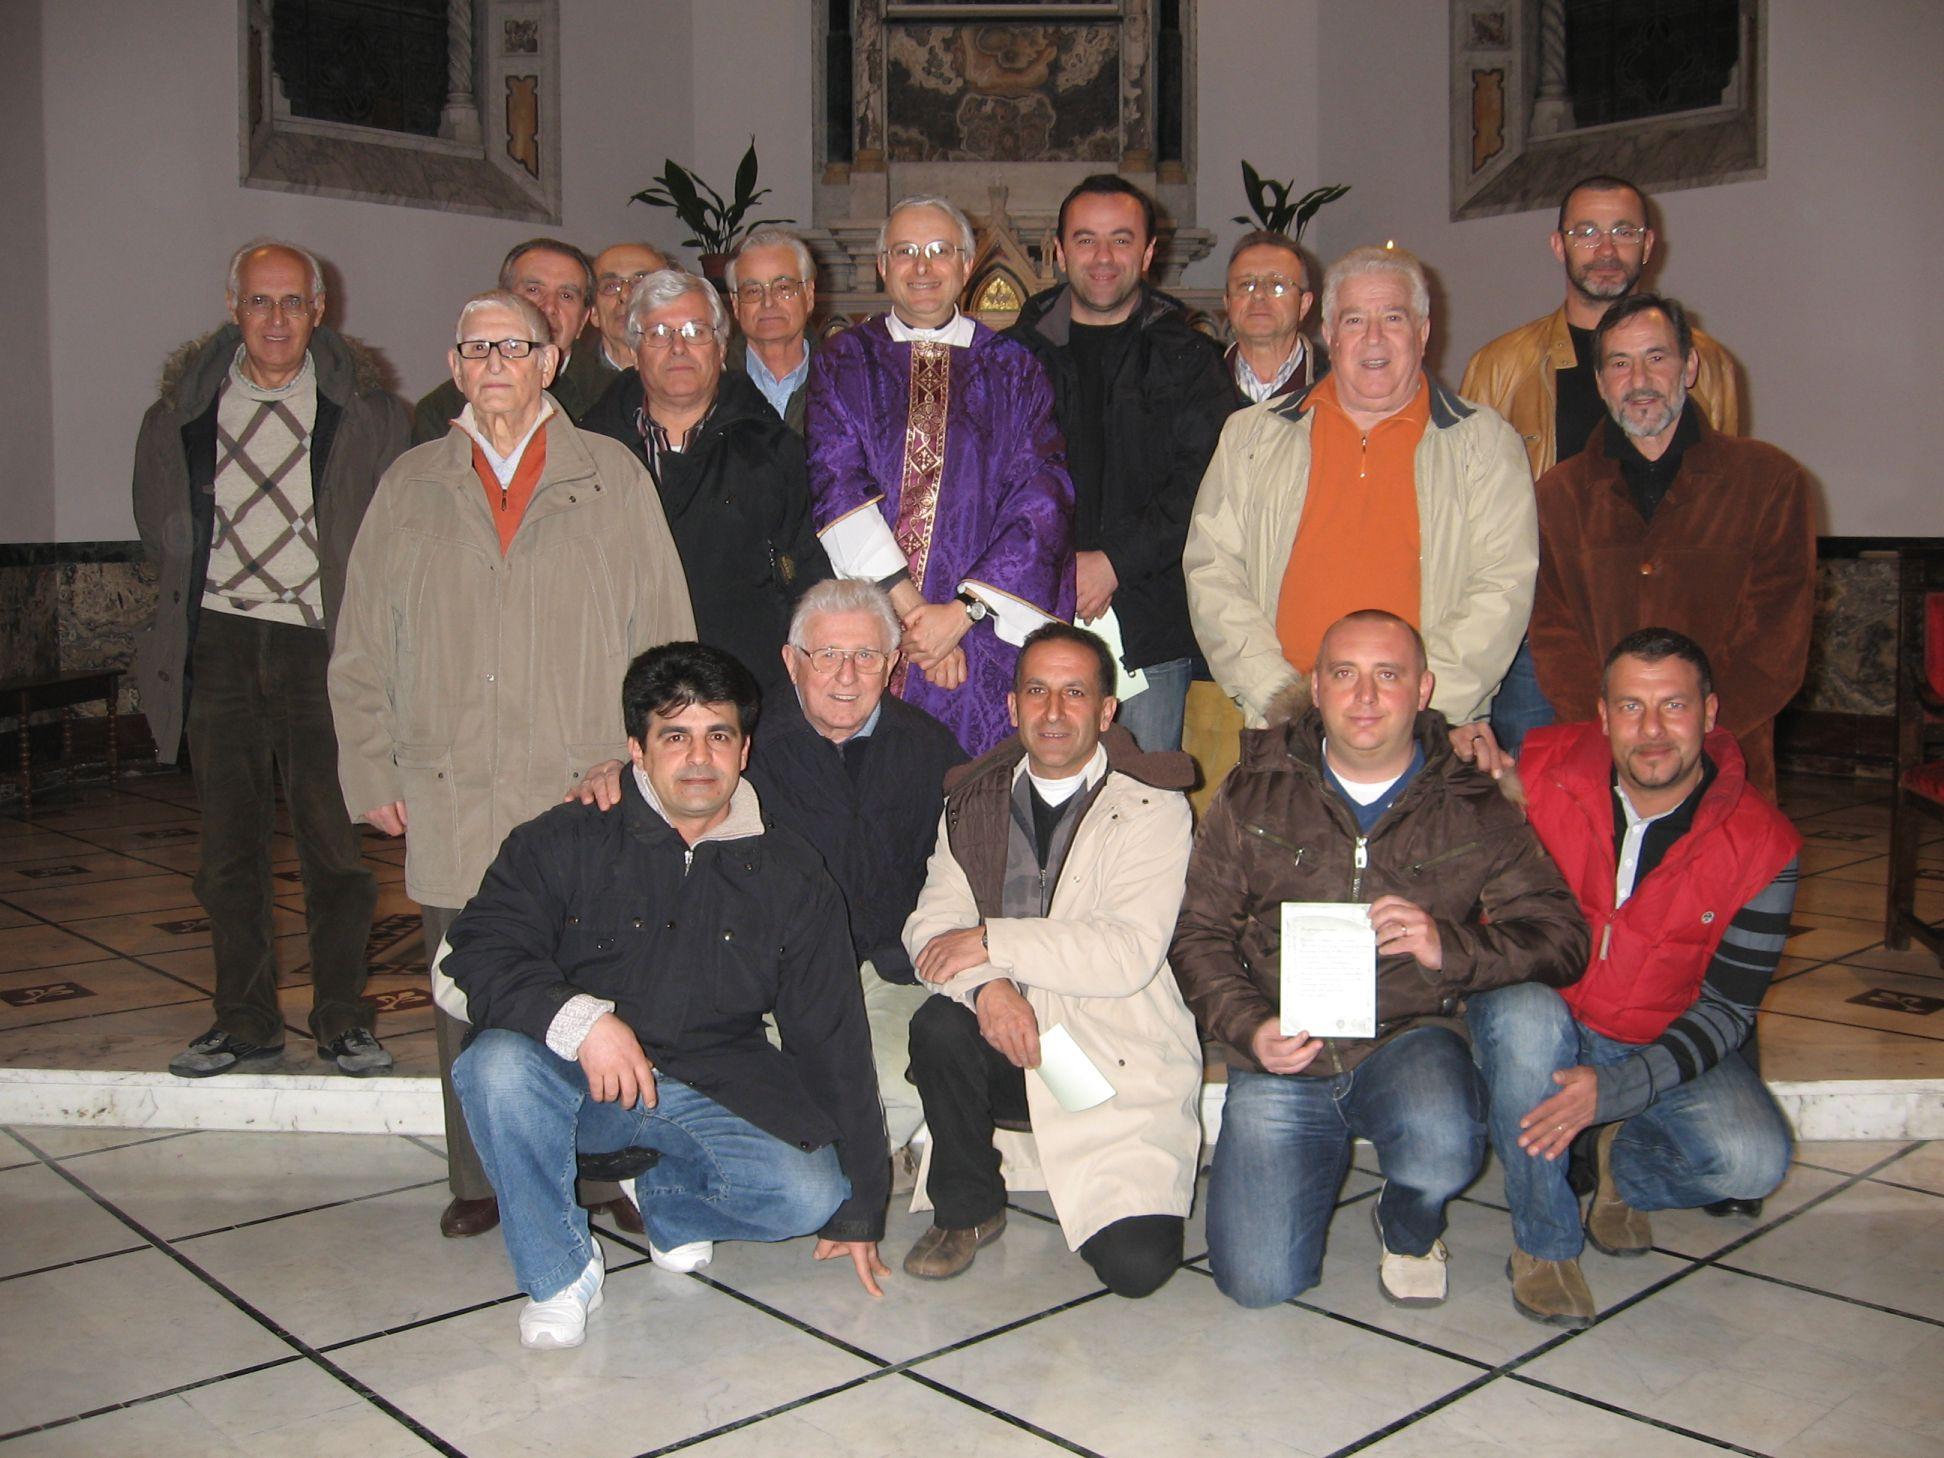 Festa_dei_papa-2010-03-20--18.56.27